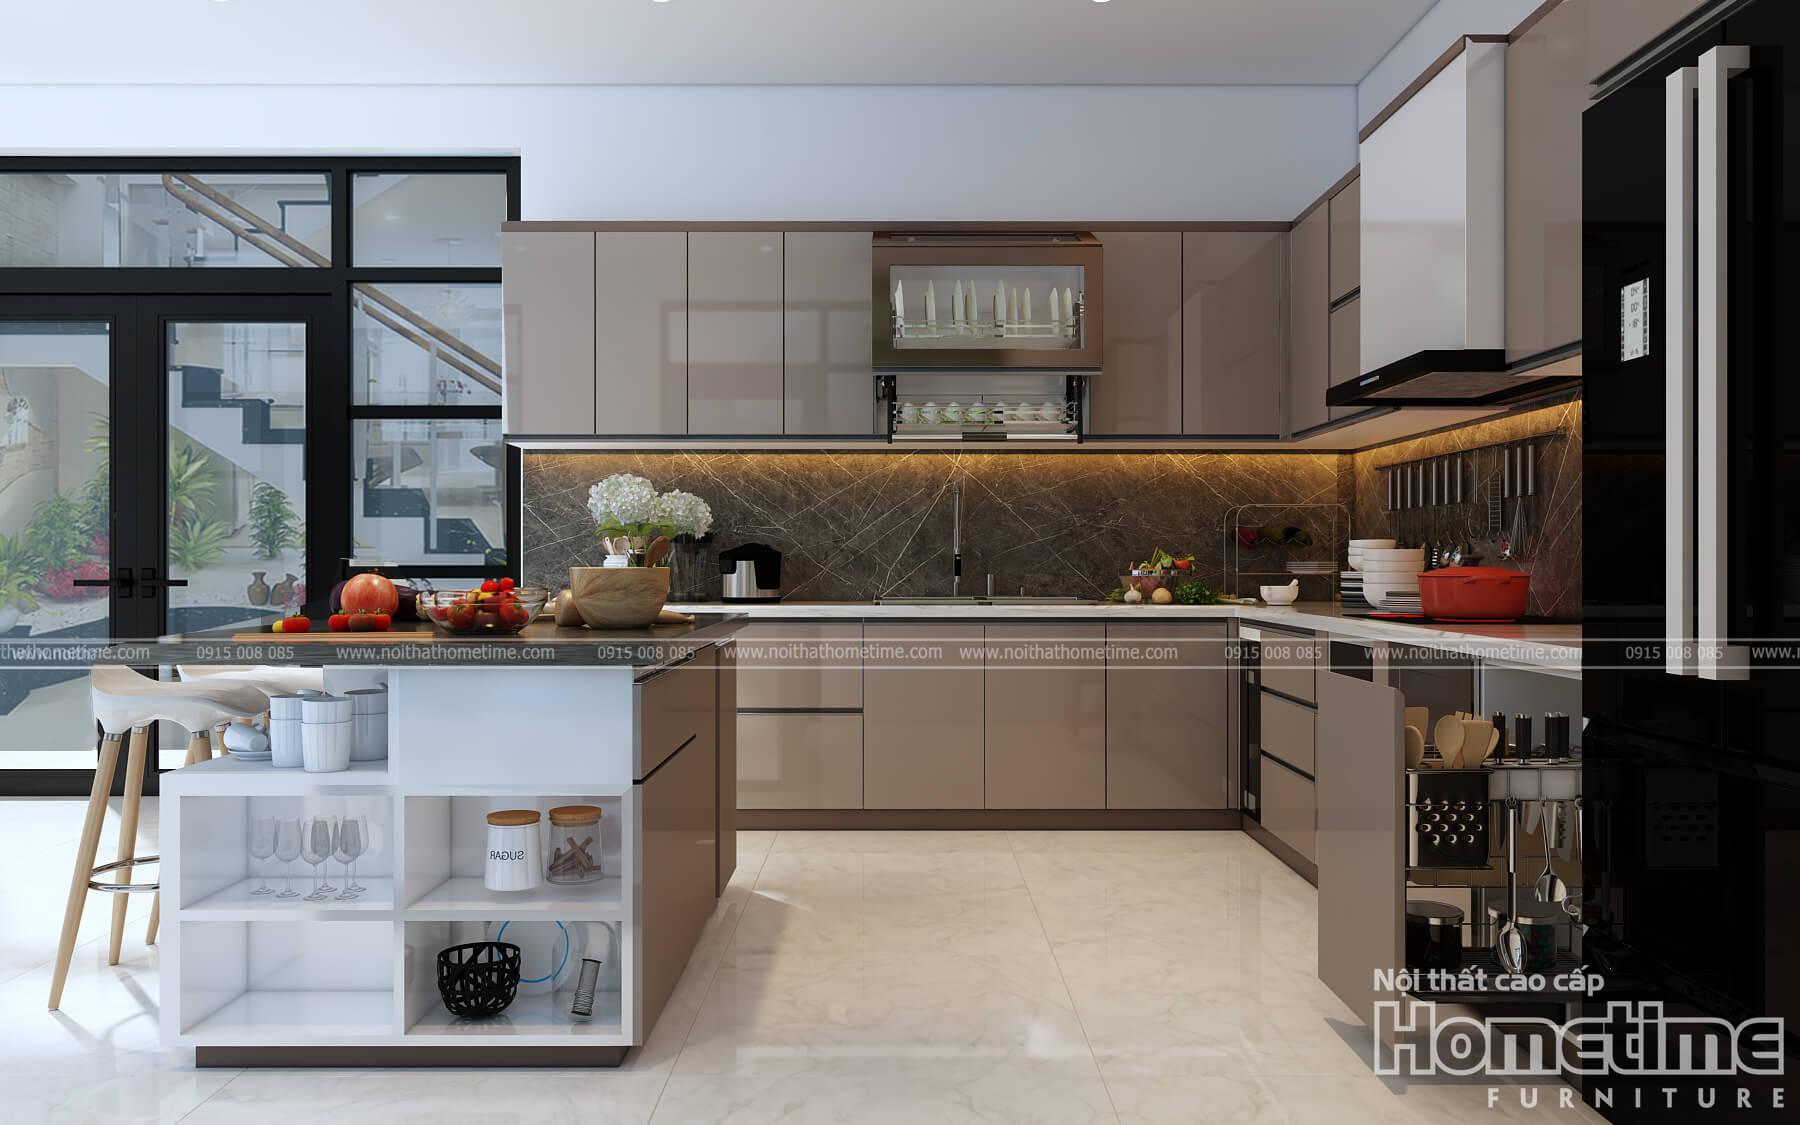 Hình ảnh tủ bếp nhà anh Huynh với hướng nhìn ngoài vào